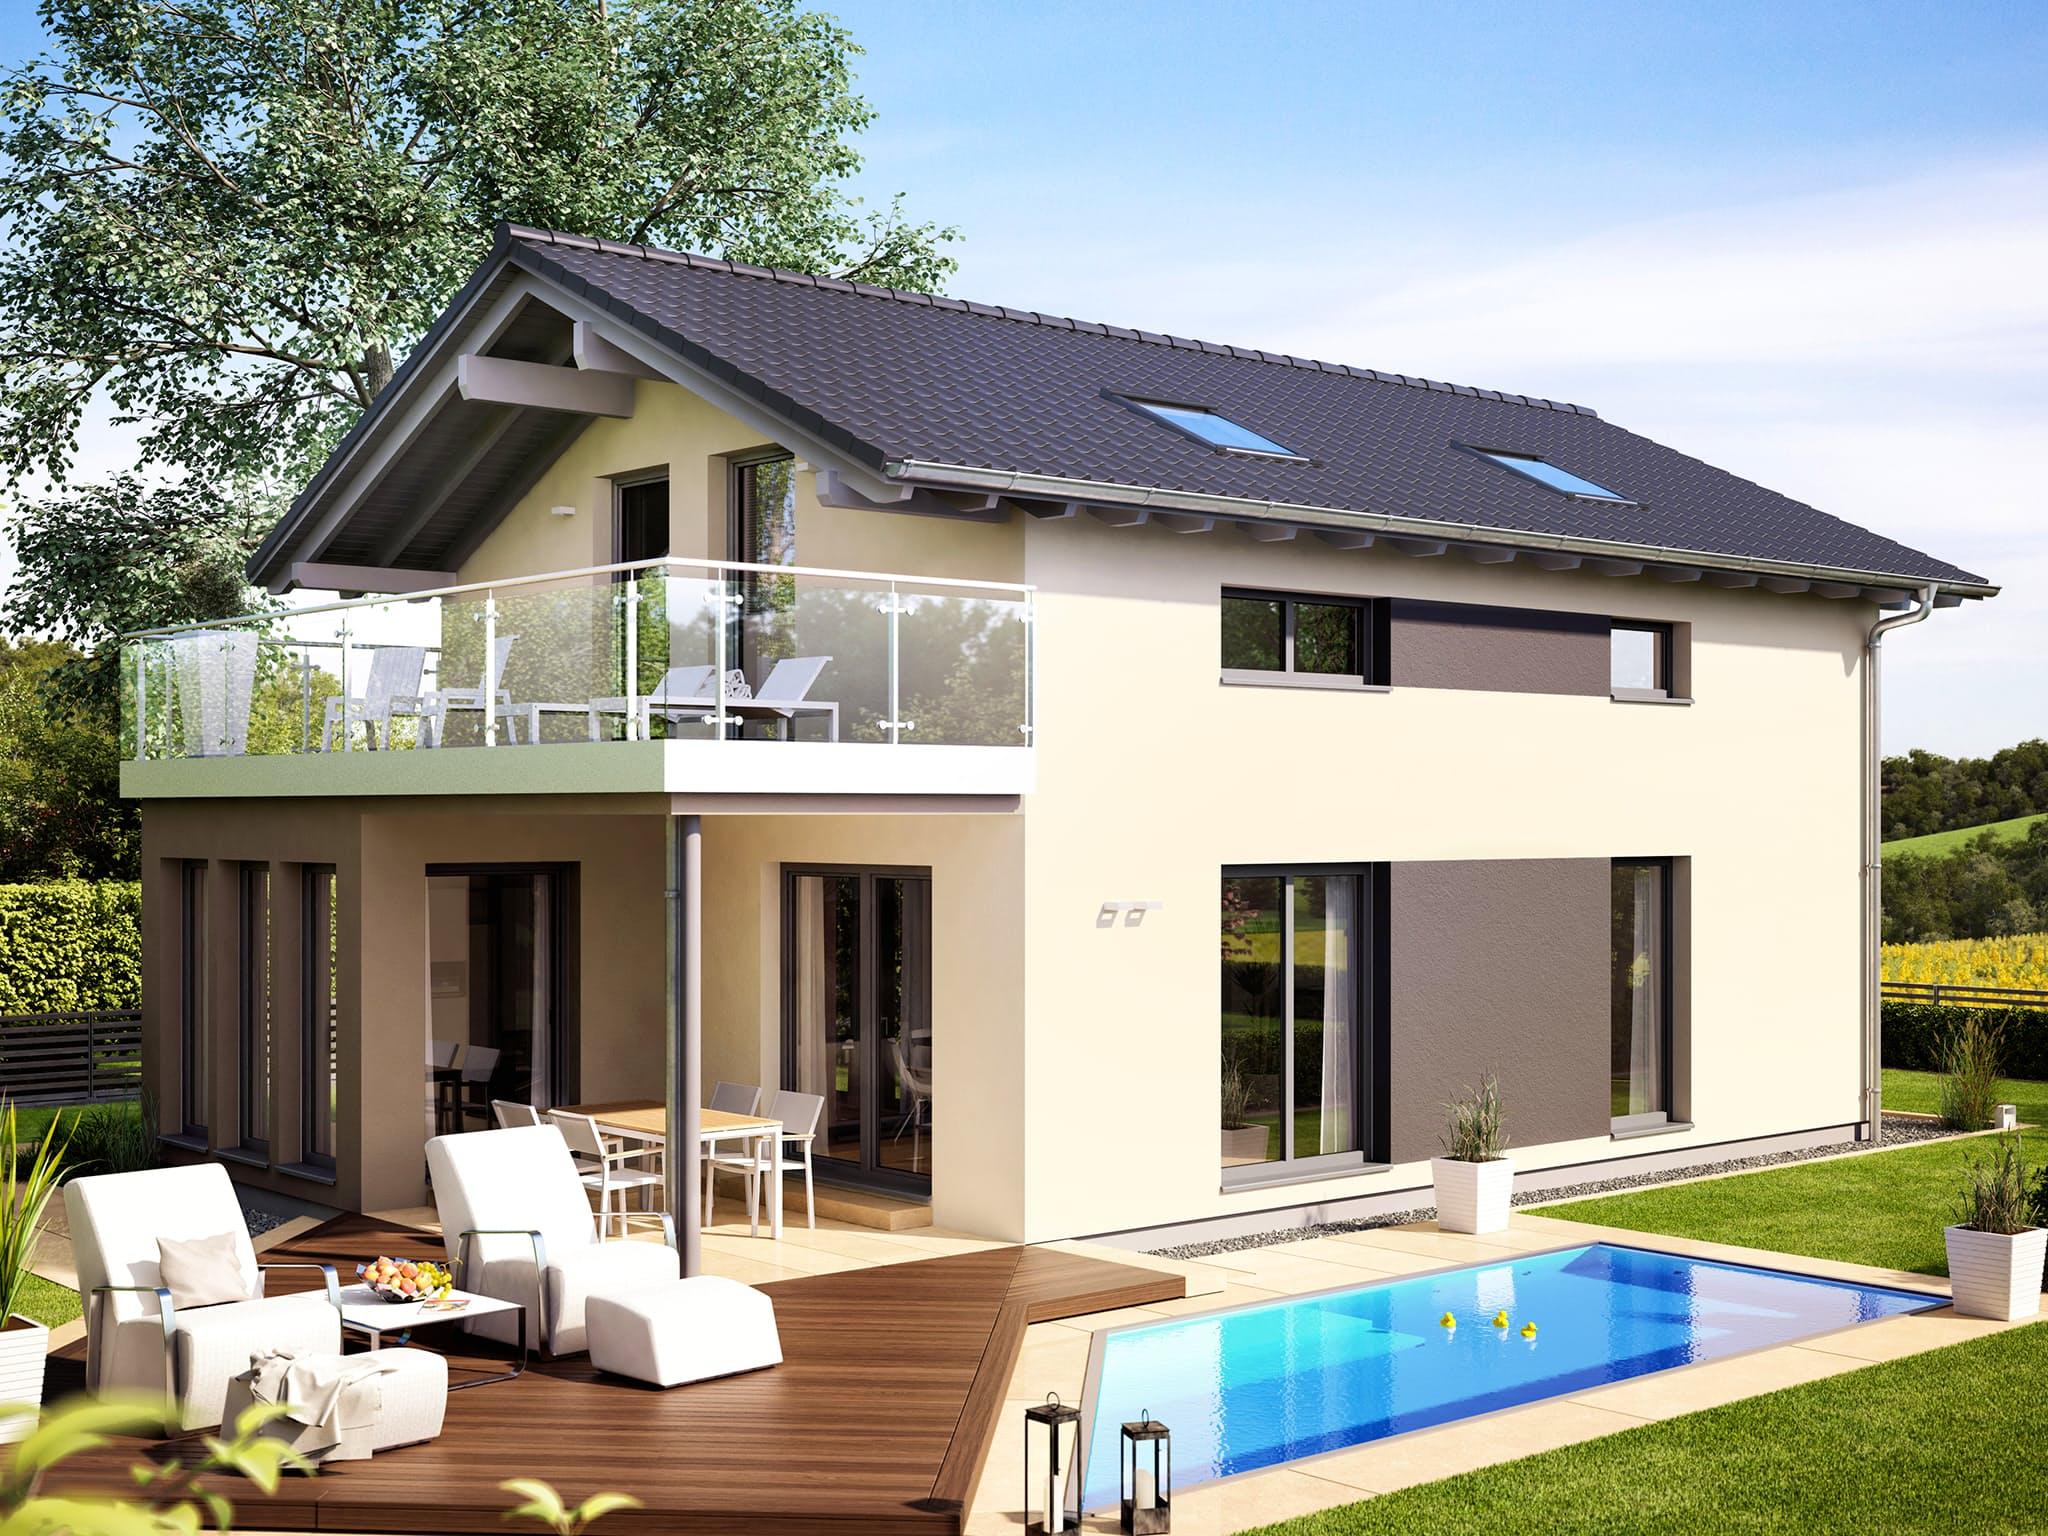 Schlüsselfertiges Fertighaus bis 150.000€ - Häuser Preise nbieter size: 2048 x 1536 post ID: 8 File size: 0 B